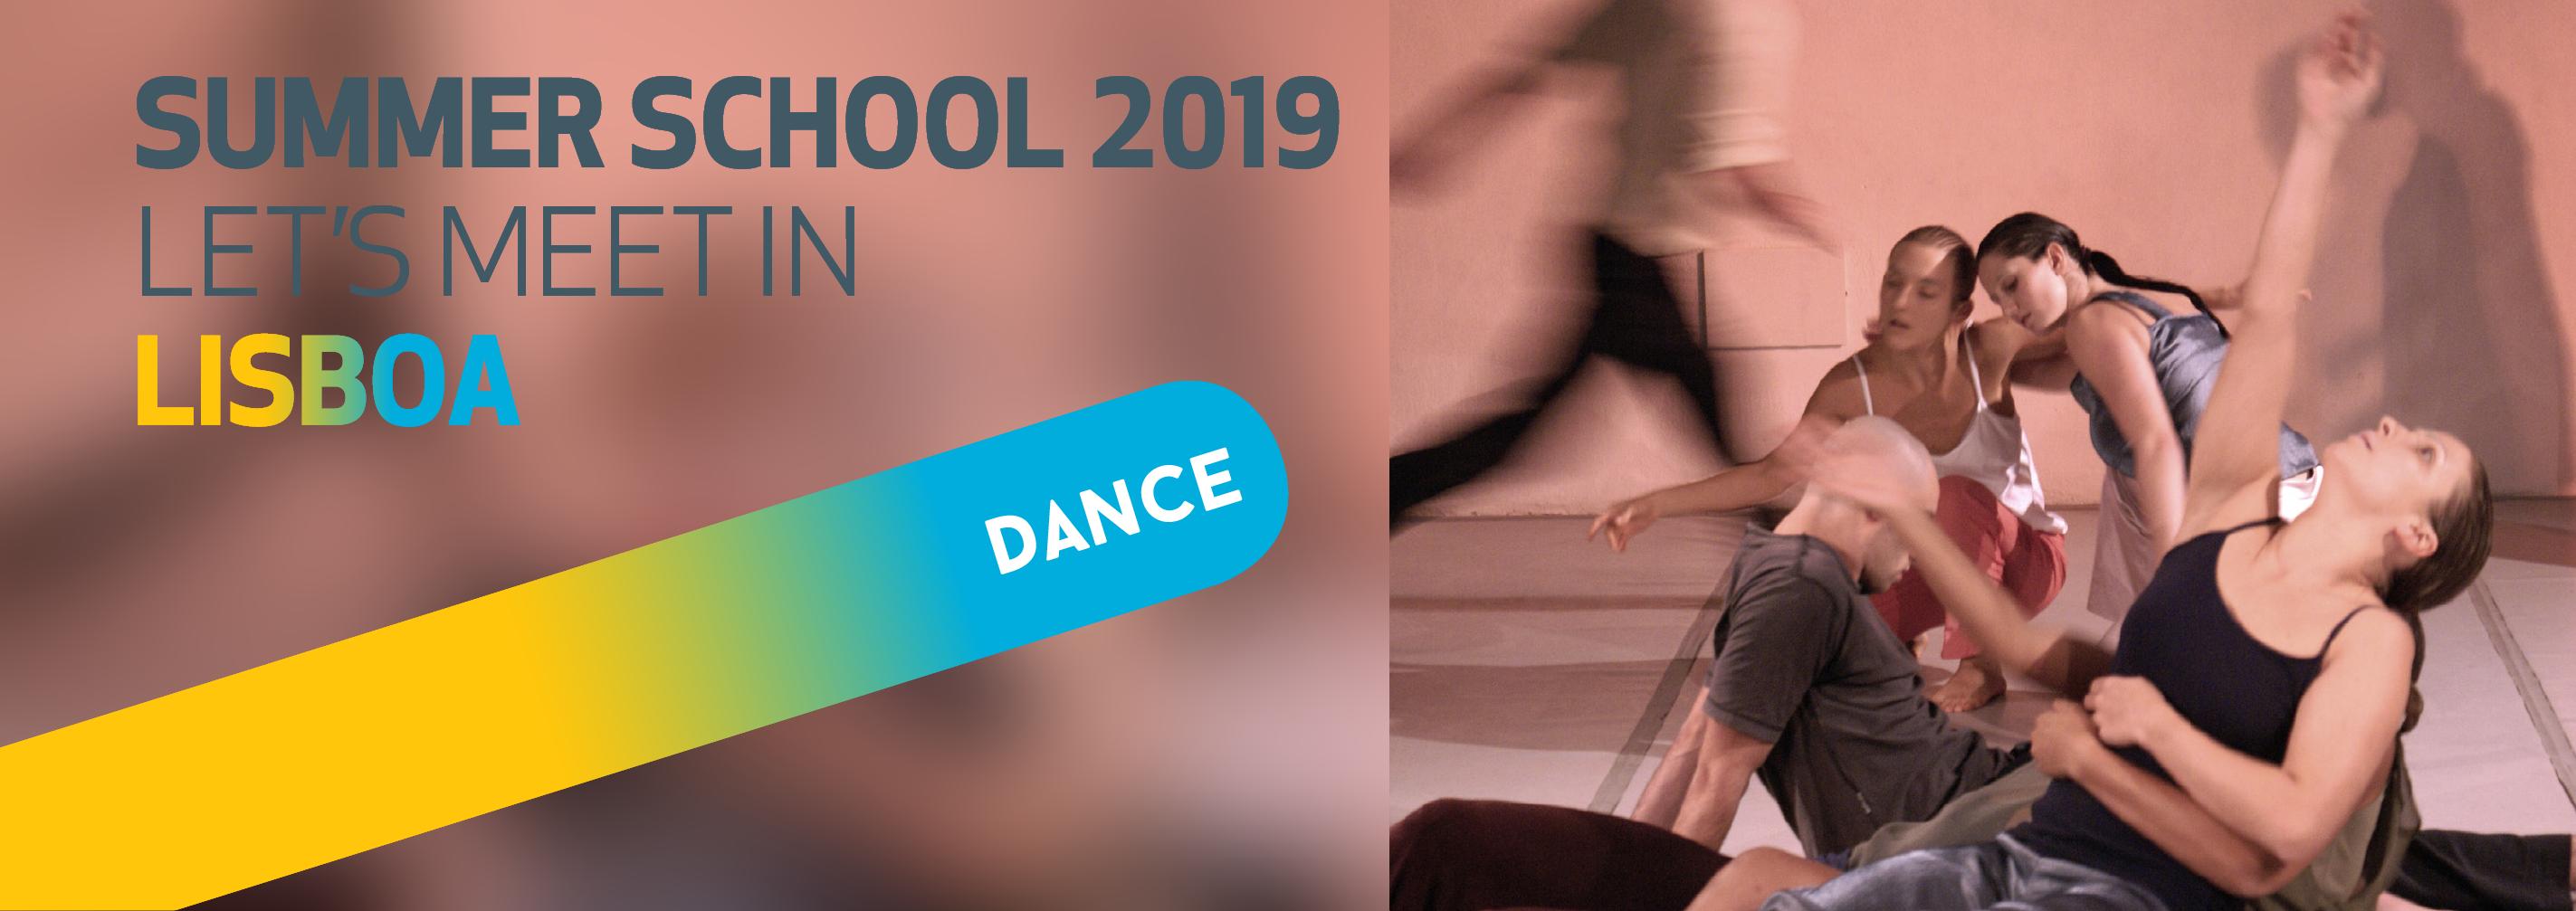 Summer School 2019 - Dance